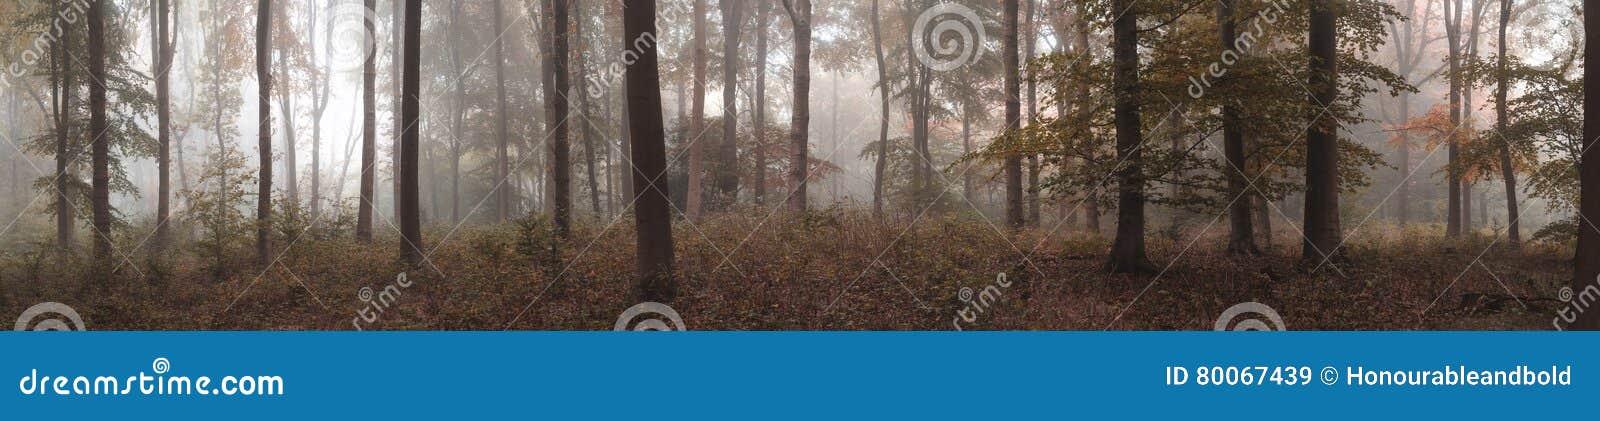 För Autumn Fall för stor färgrik panorama dimmigt landskap skog